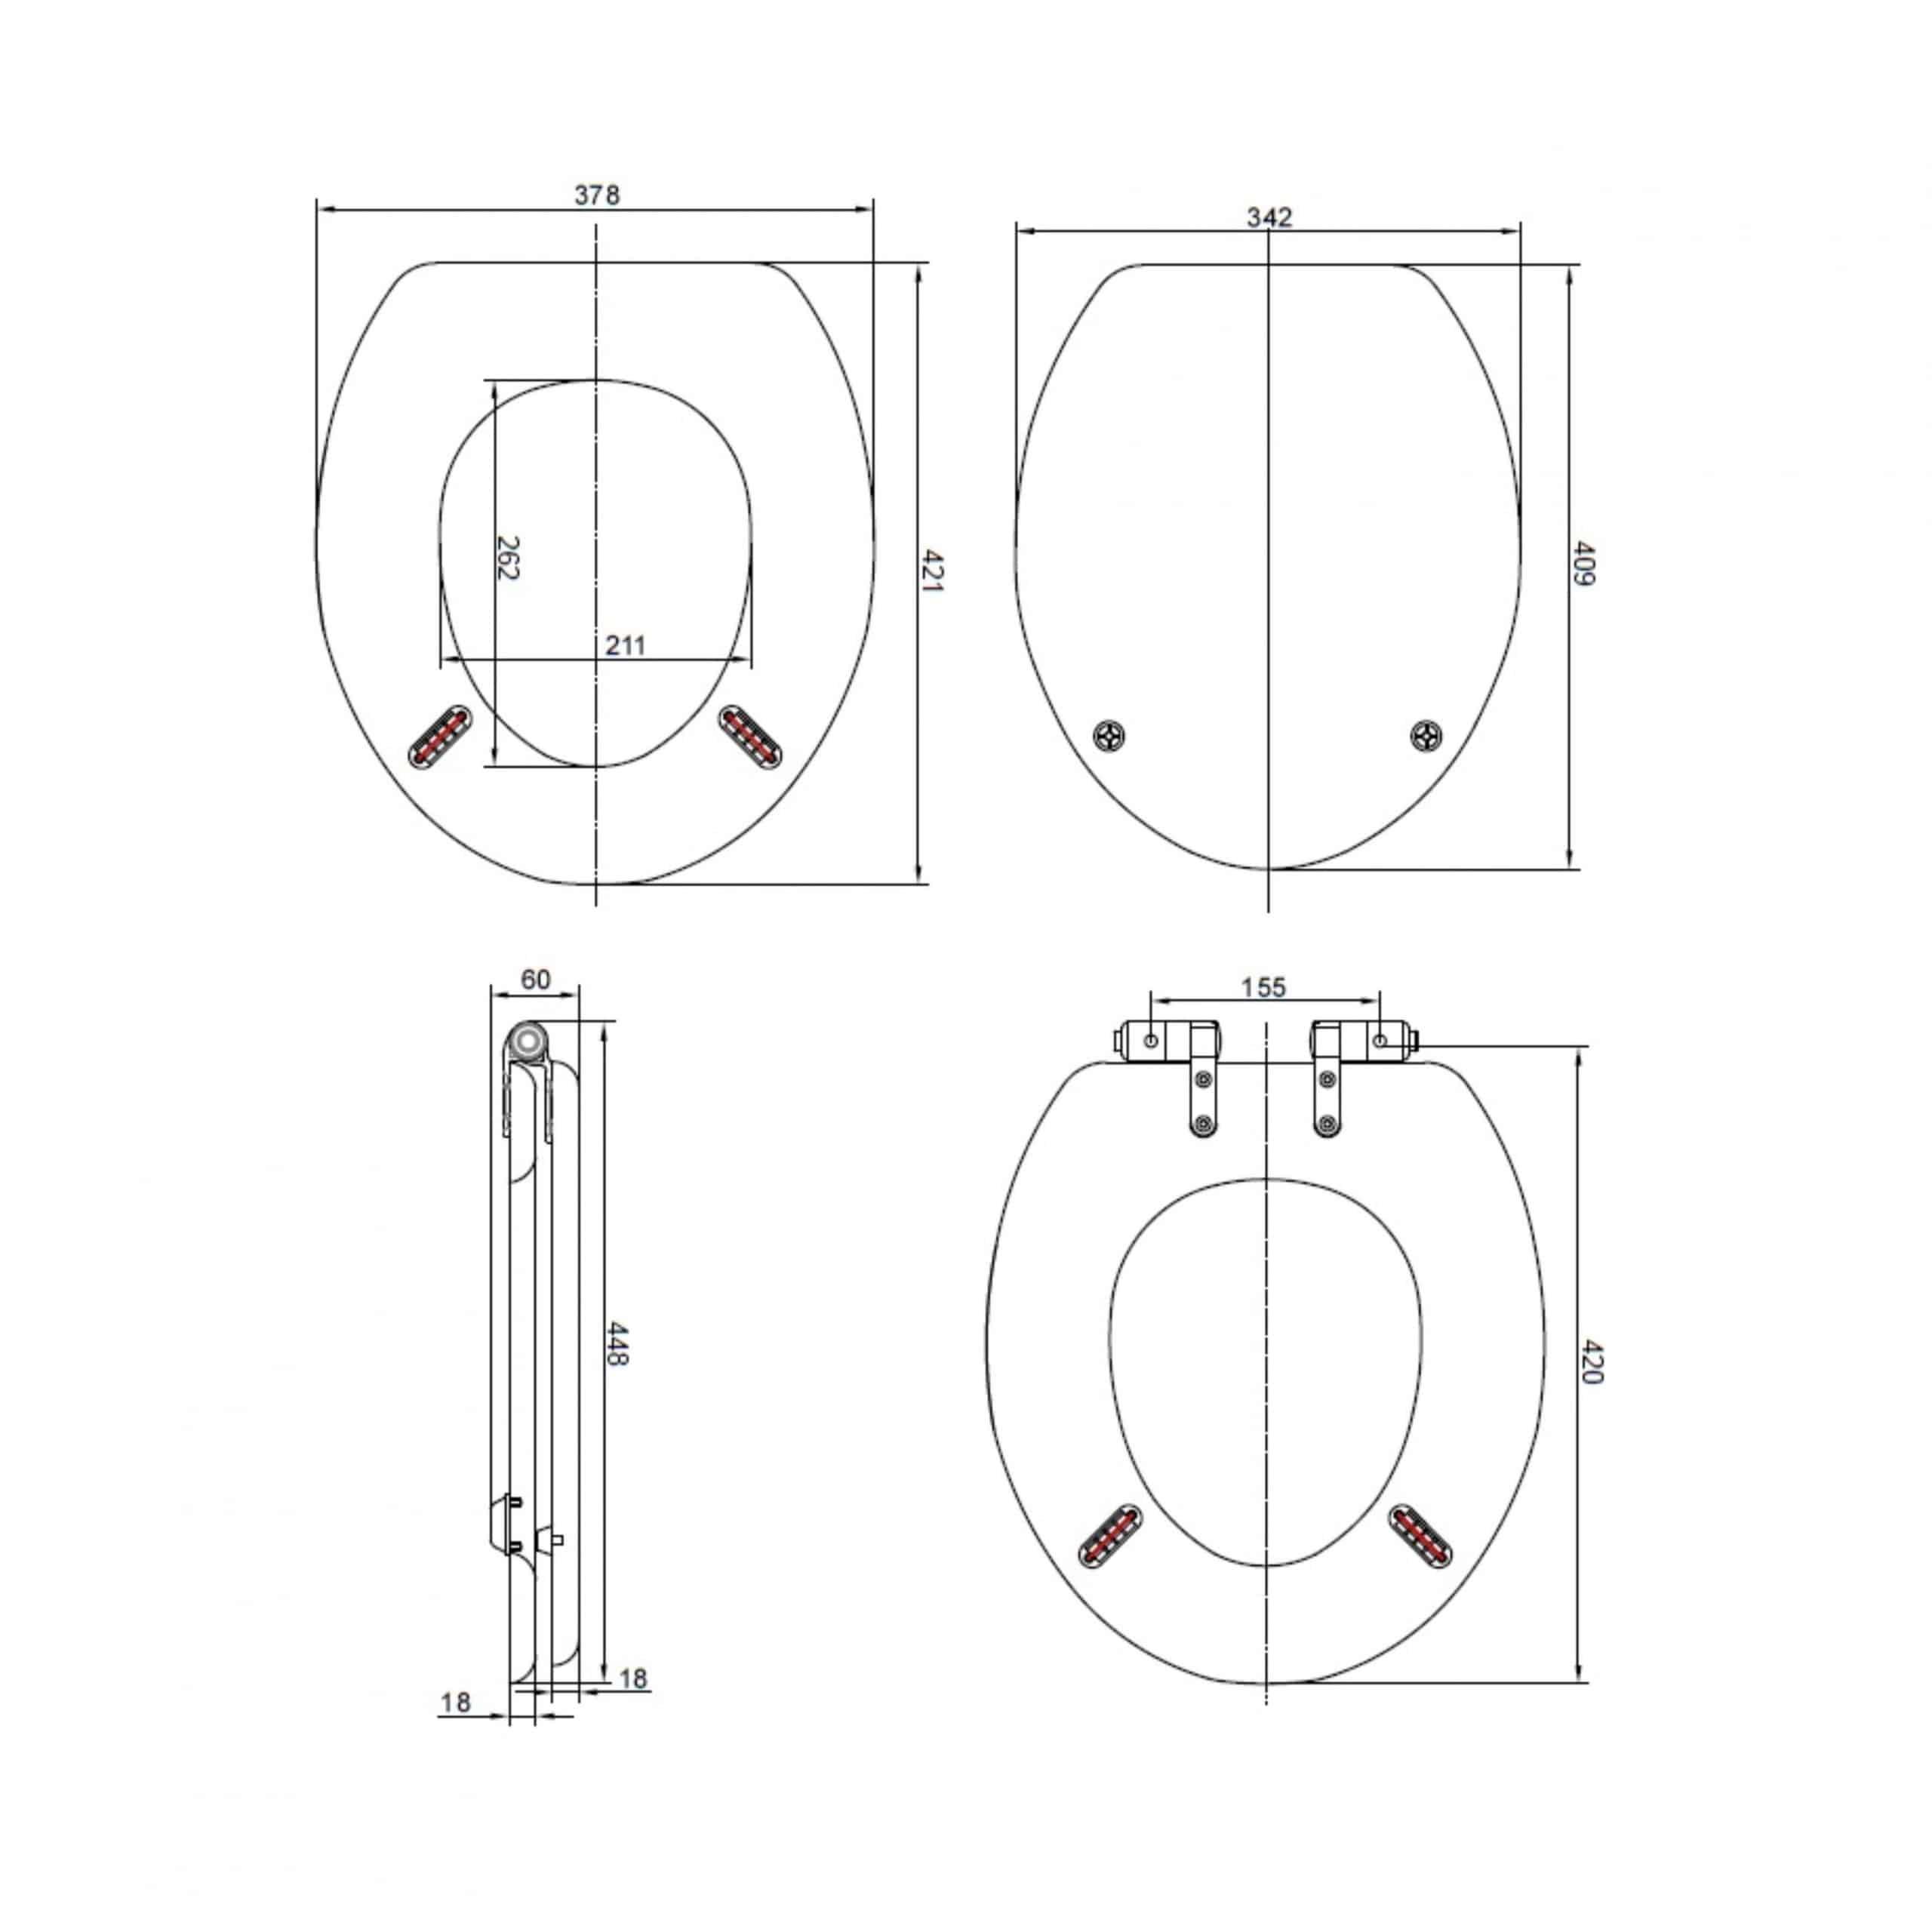 Heritage Wood Seat HWG101S Measurements